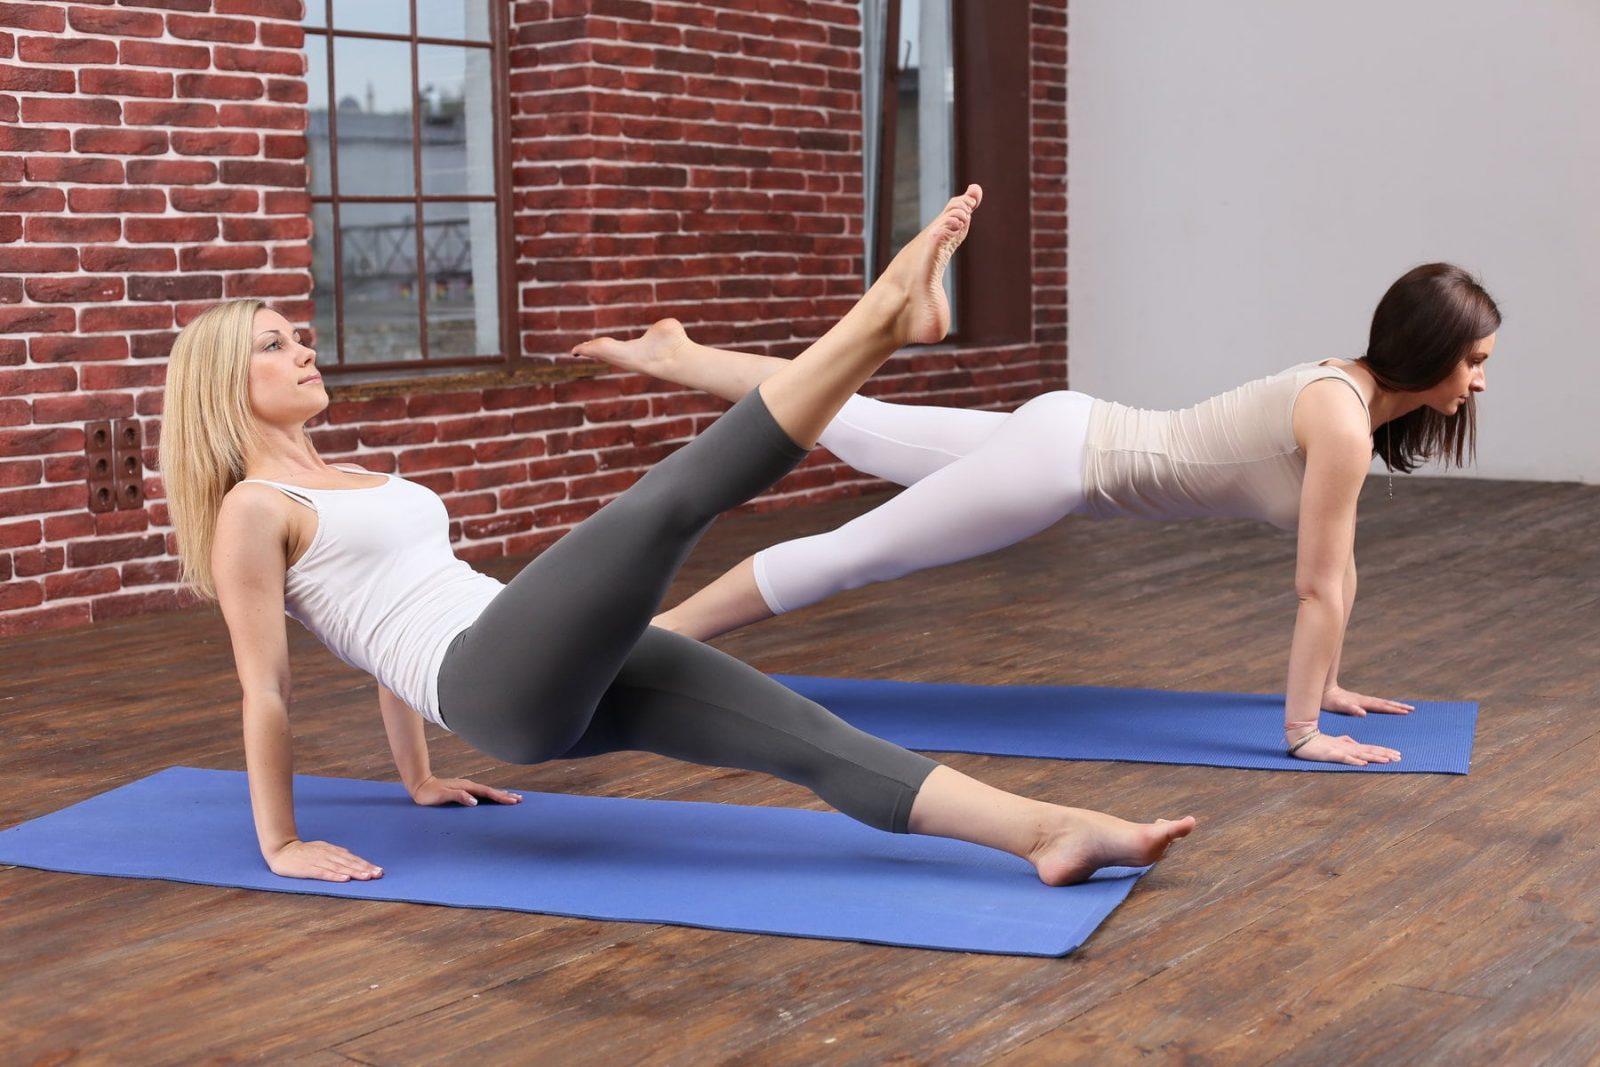 Упражнения из пилатеса в спортзале